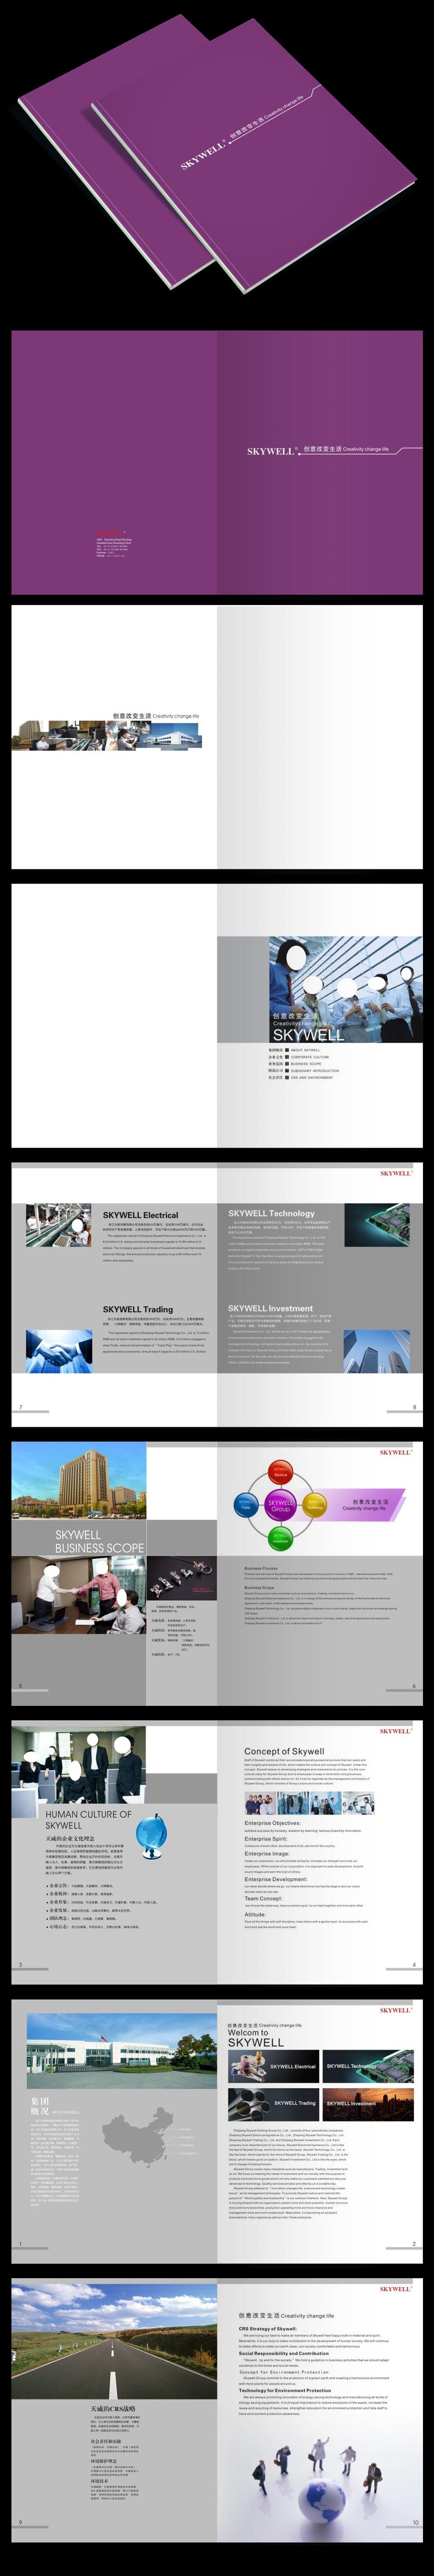 紫色招商加盟手册画册宣传册设计模板下载(图片编号:)